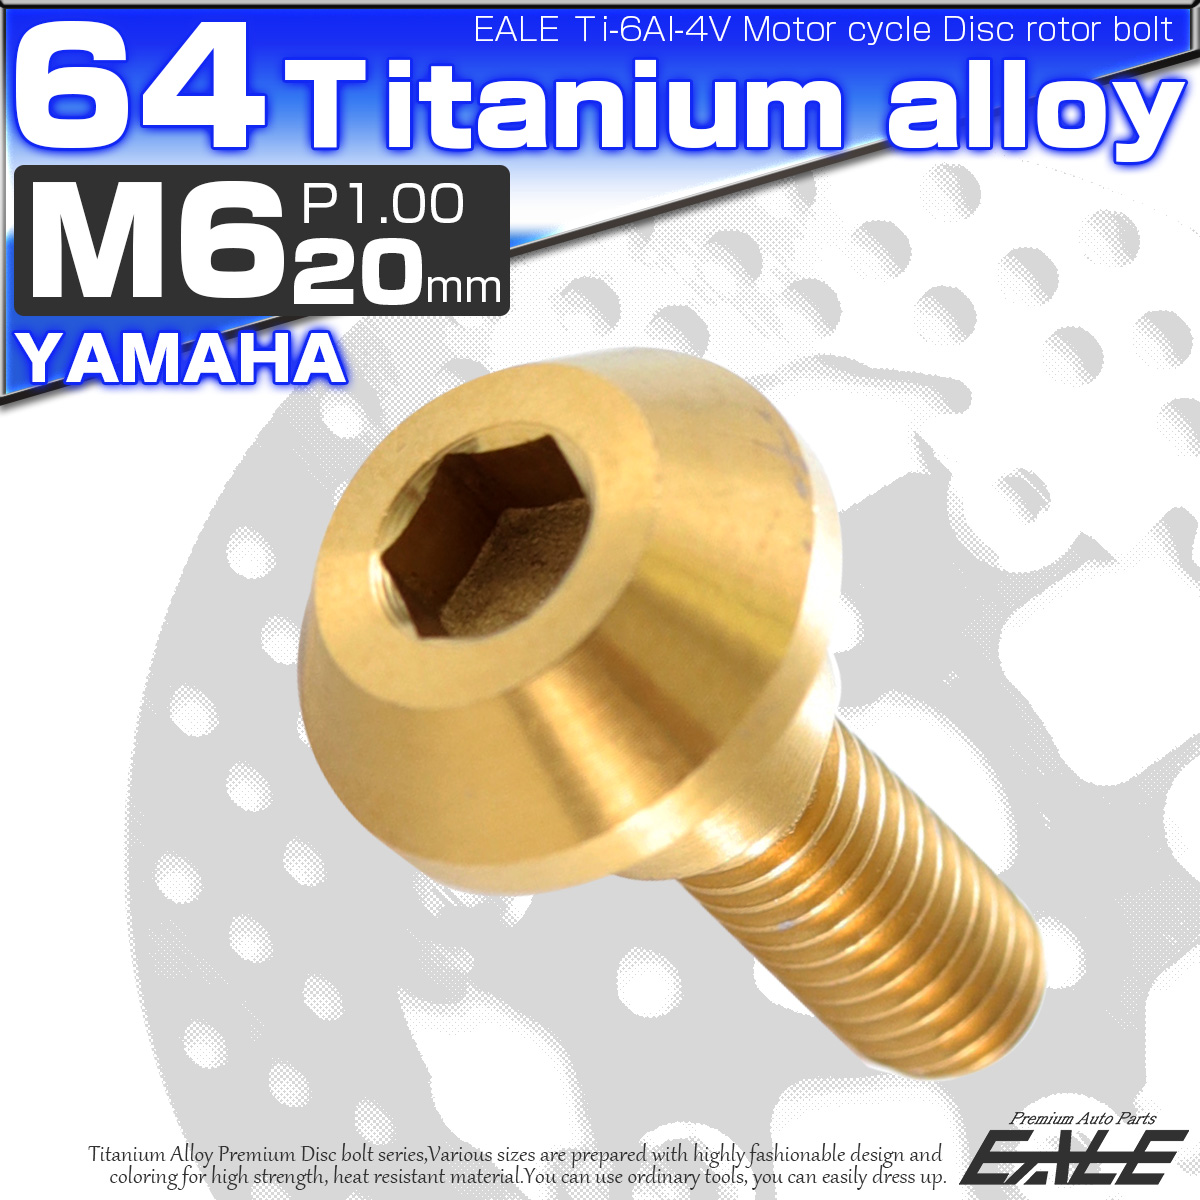 64チタン M6×20mm P=1.00 ブレーキディスク ローター ボルト ヤマハ車用 ゴールド 金色 JA077